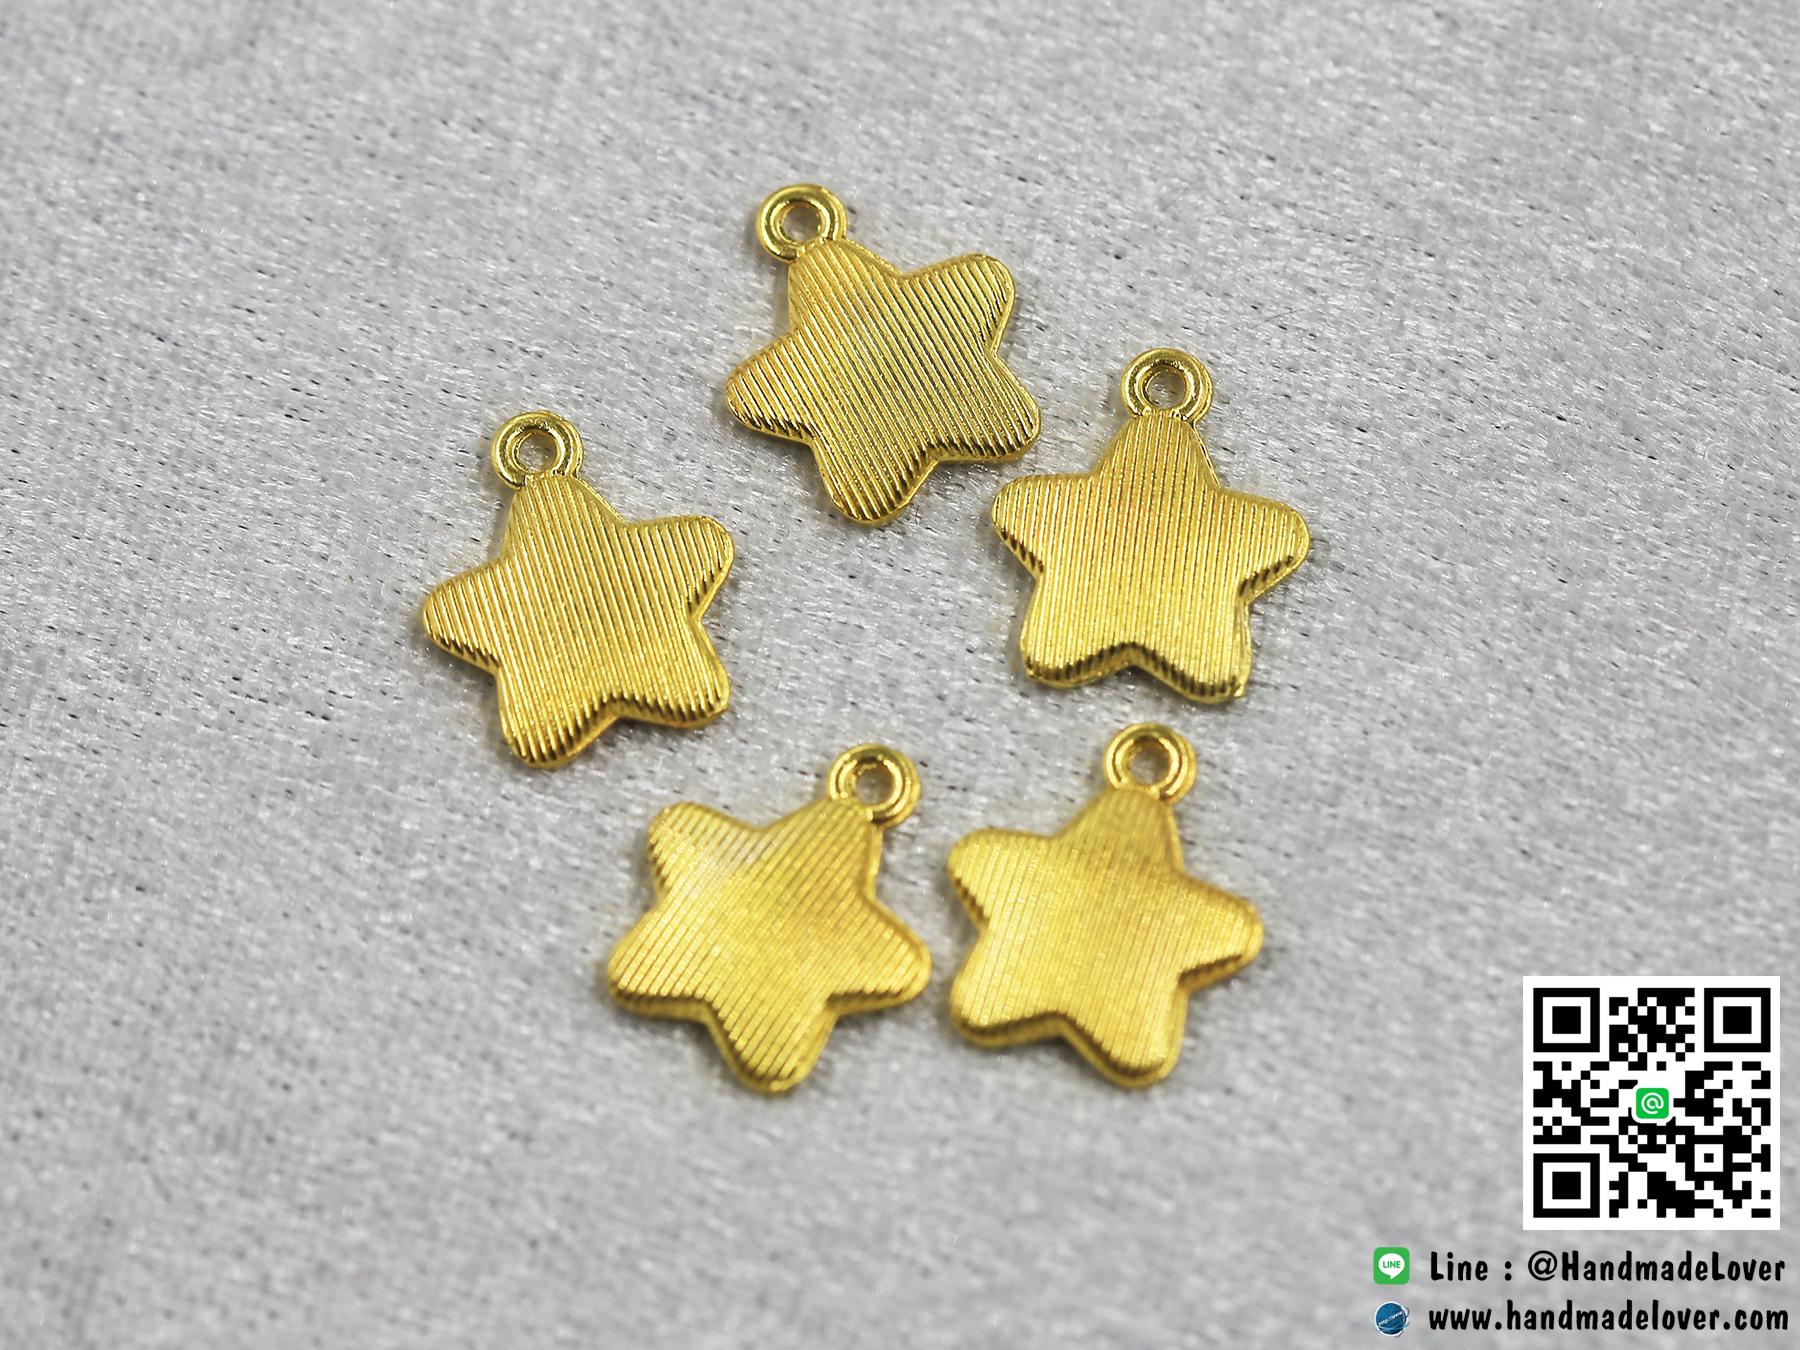 จี้โลหะ สีทอง รูปดาว